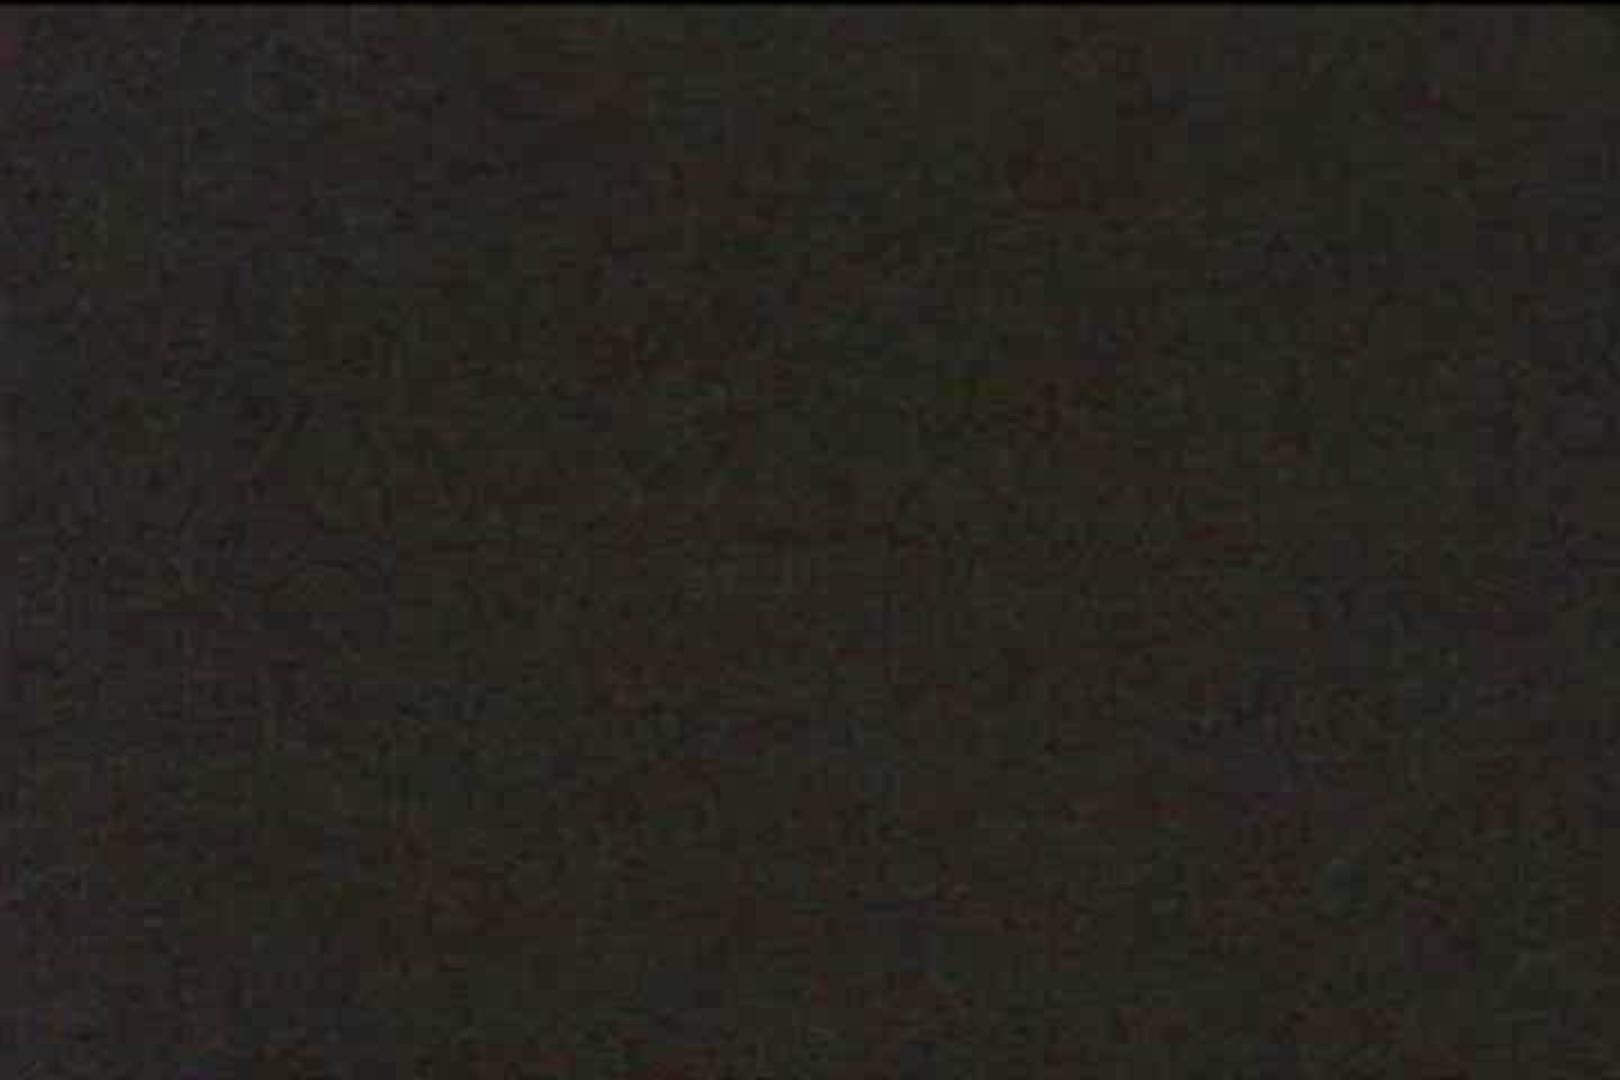 蔵出し!!赤外線カーセックスVol.27 赤外線 | セックス  78画像 1